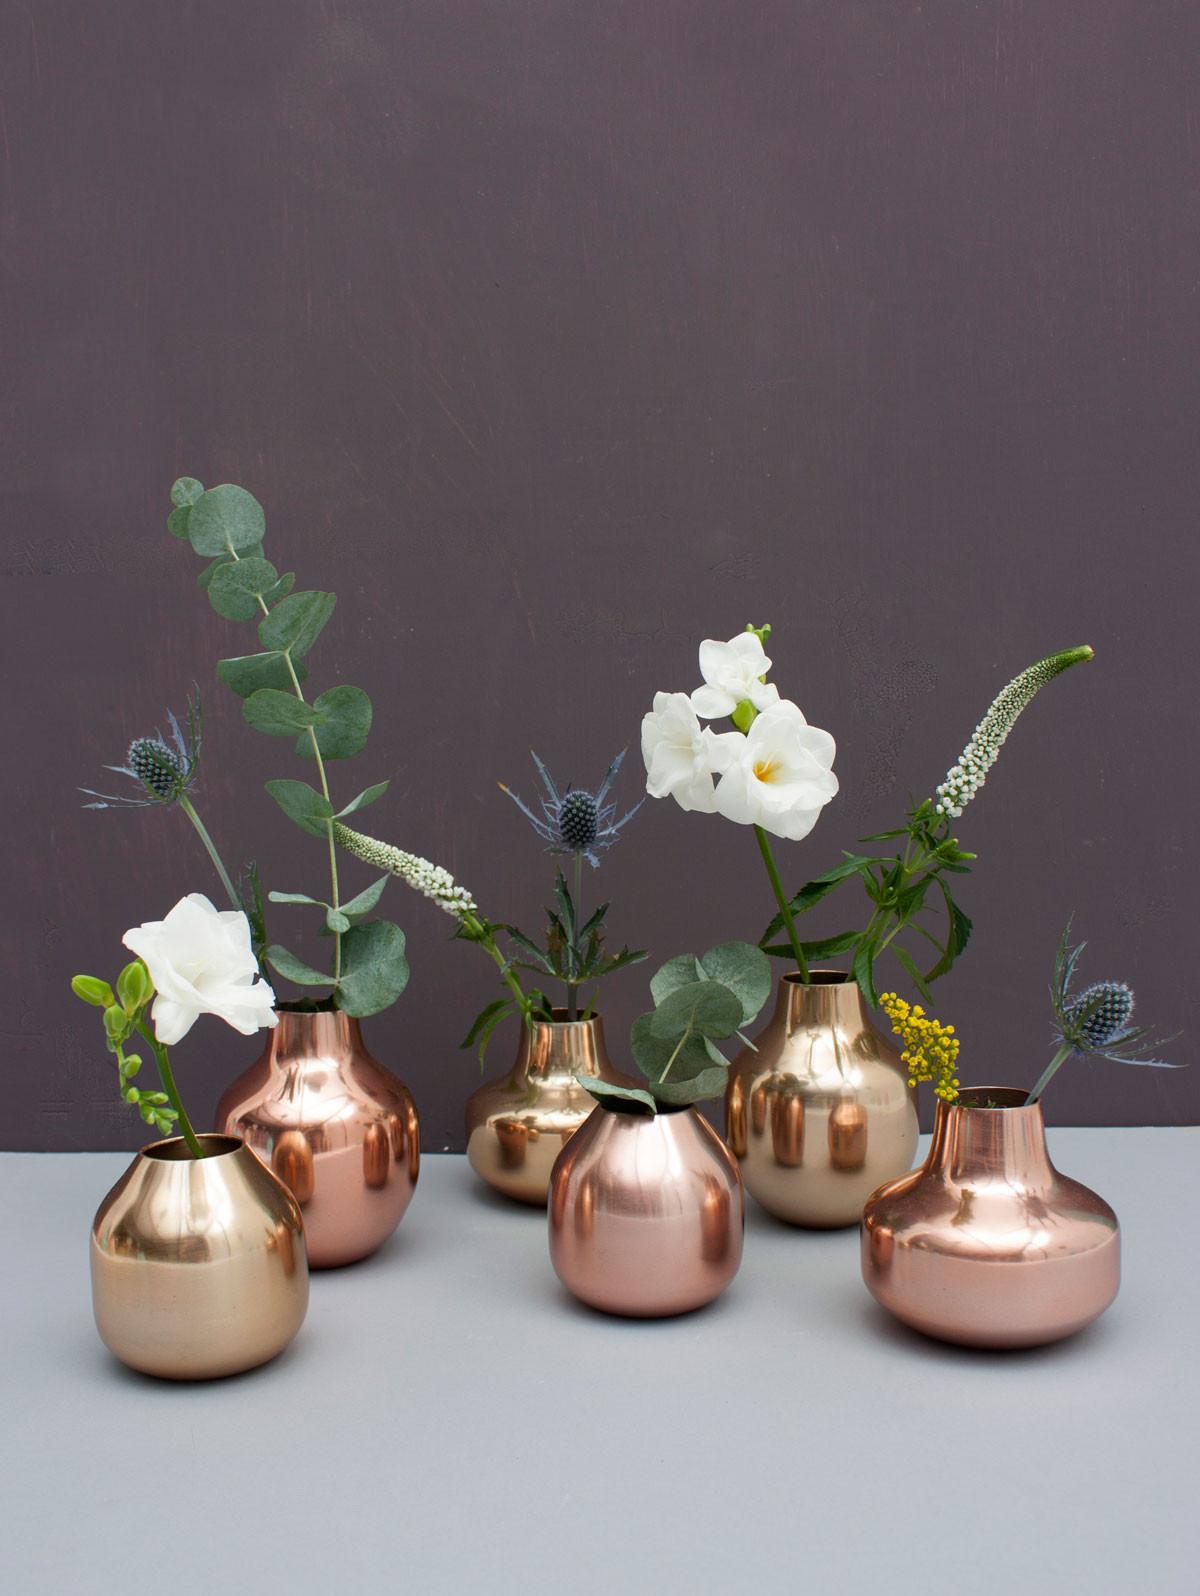 Trend Kupfer -  lässt jede Pflanze erstrahlen